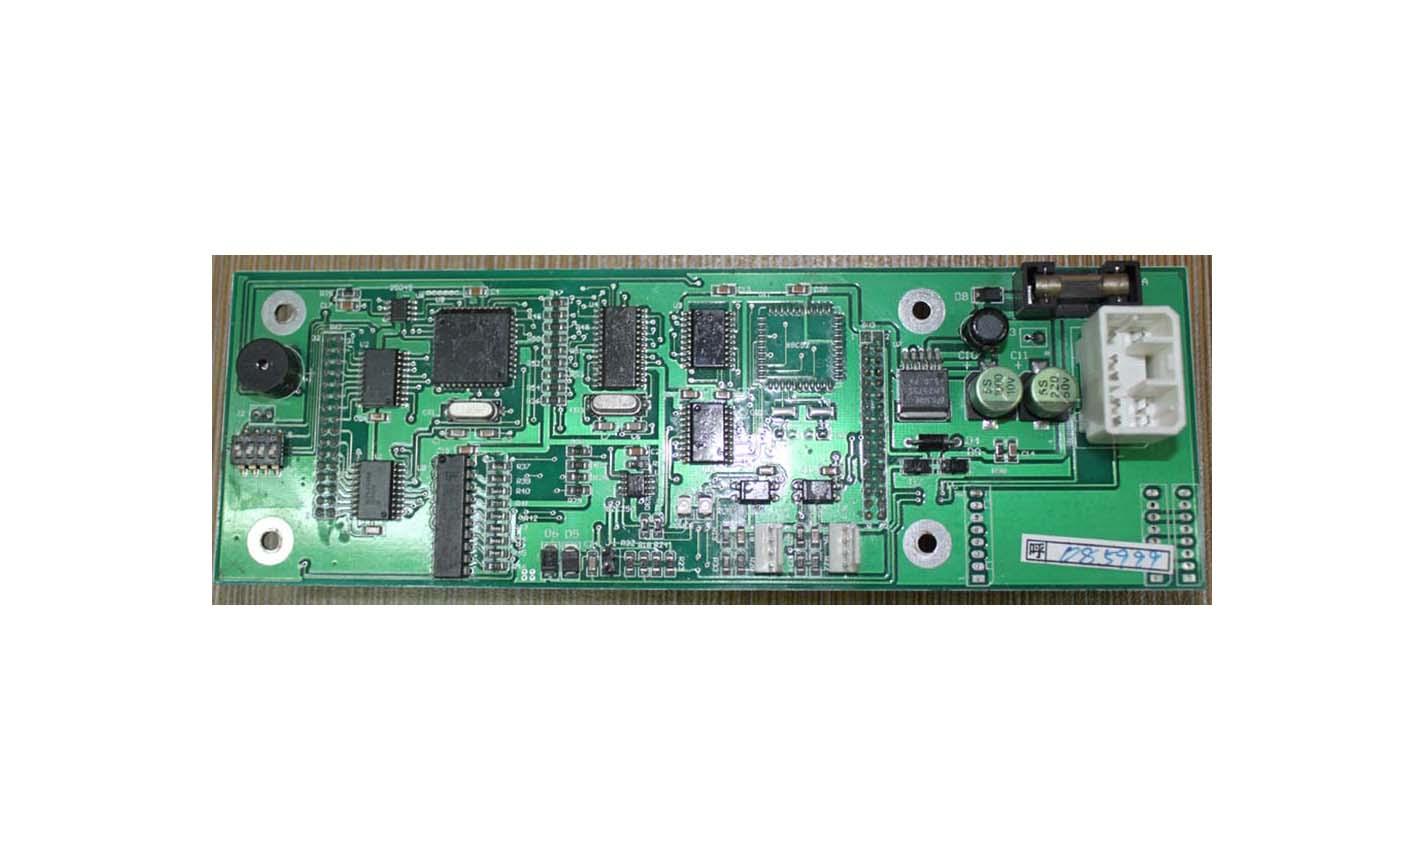 富菱达配件外呼板MCS-500图片/富菱达配件外呼板MCS-500样板图